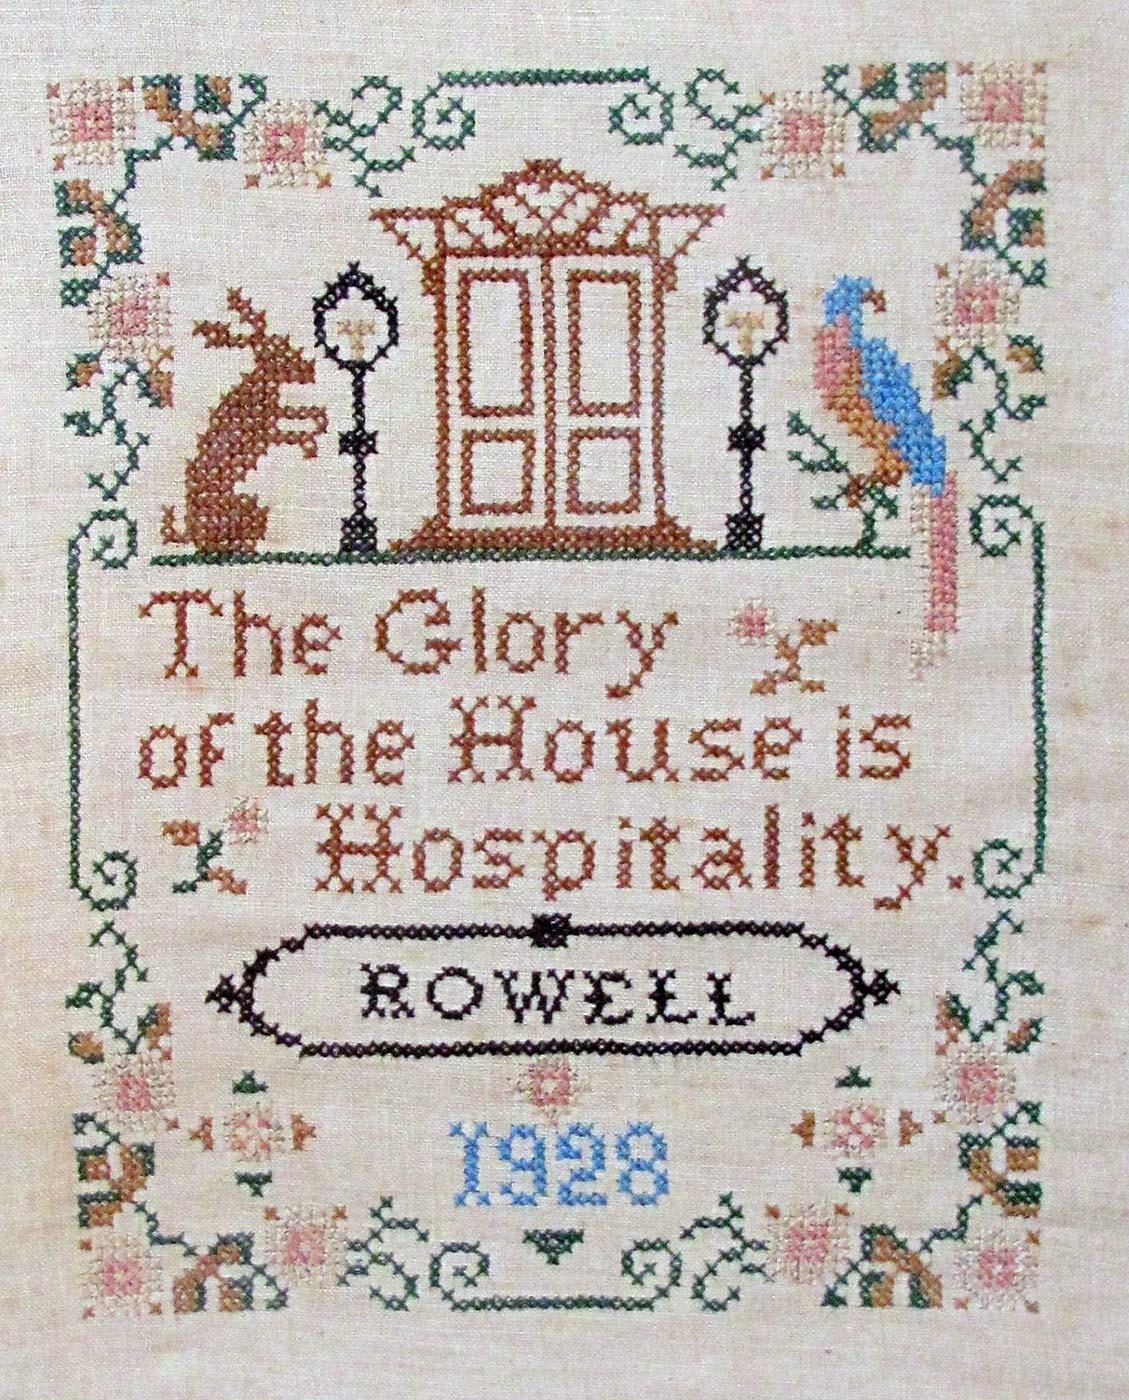 Needlepoint - Rowell's Inn Historic Photo